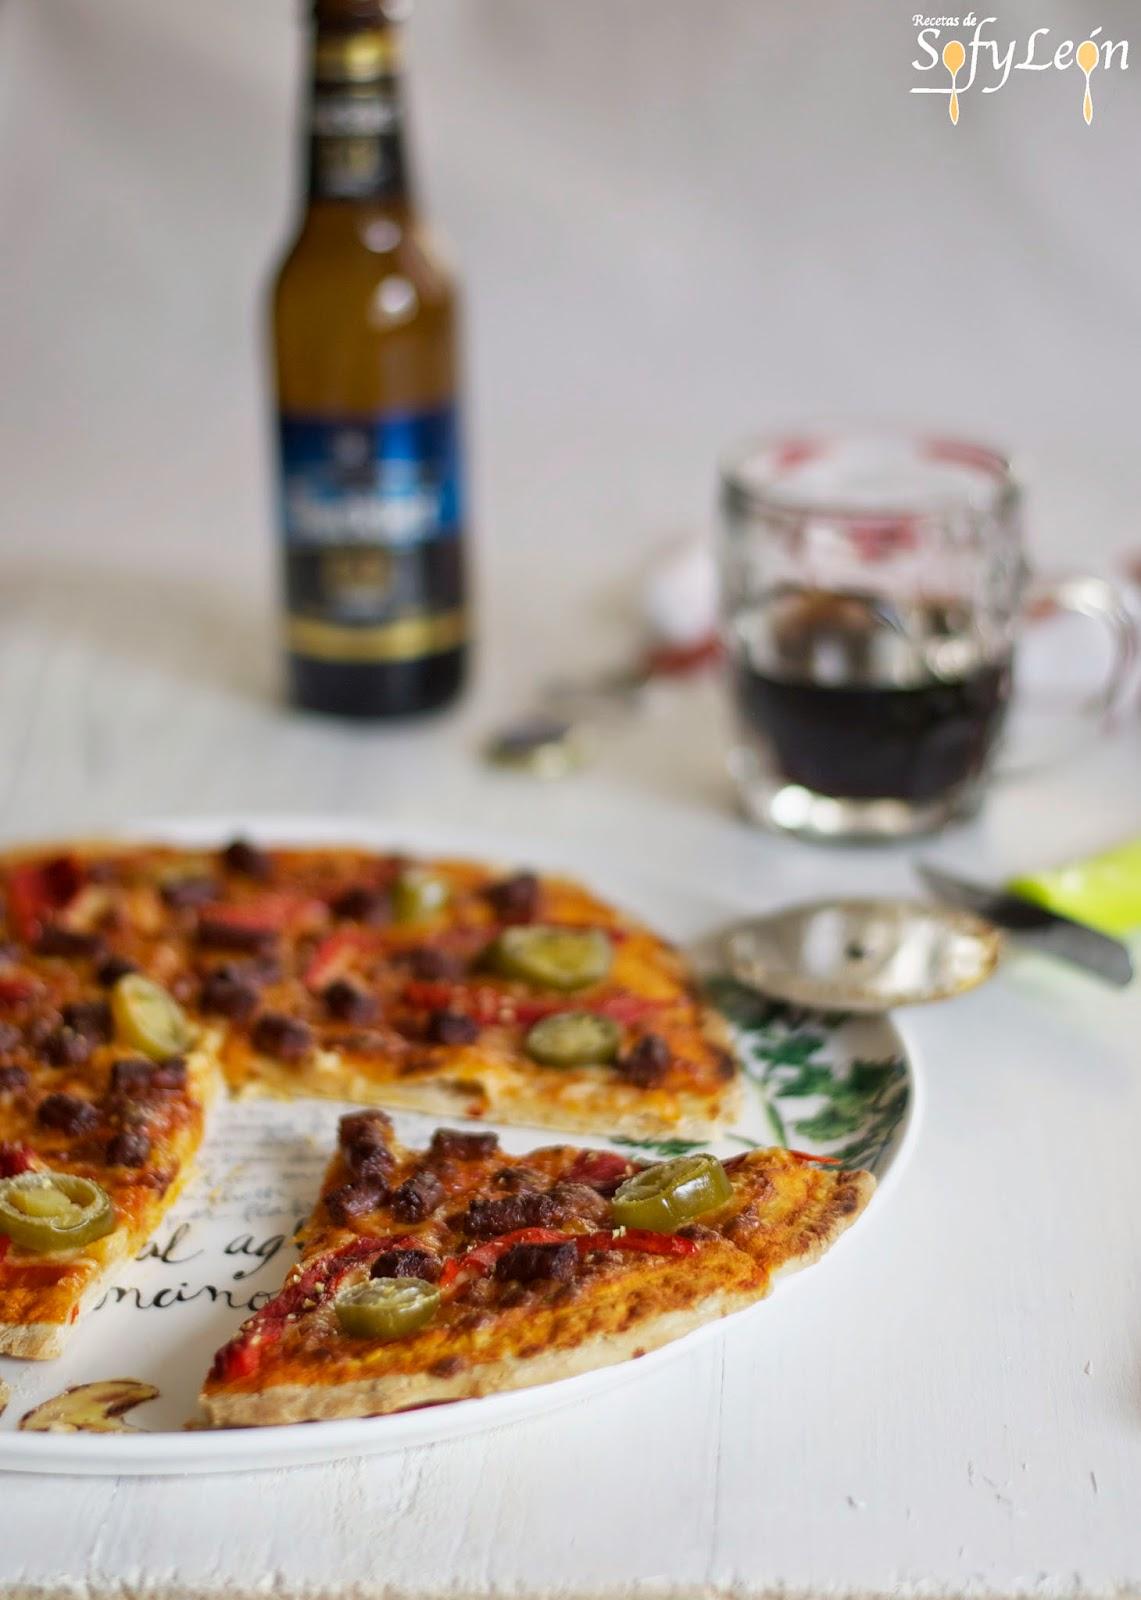 Primer plano de pizza con chorizo y jalapeños.